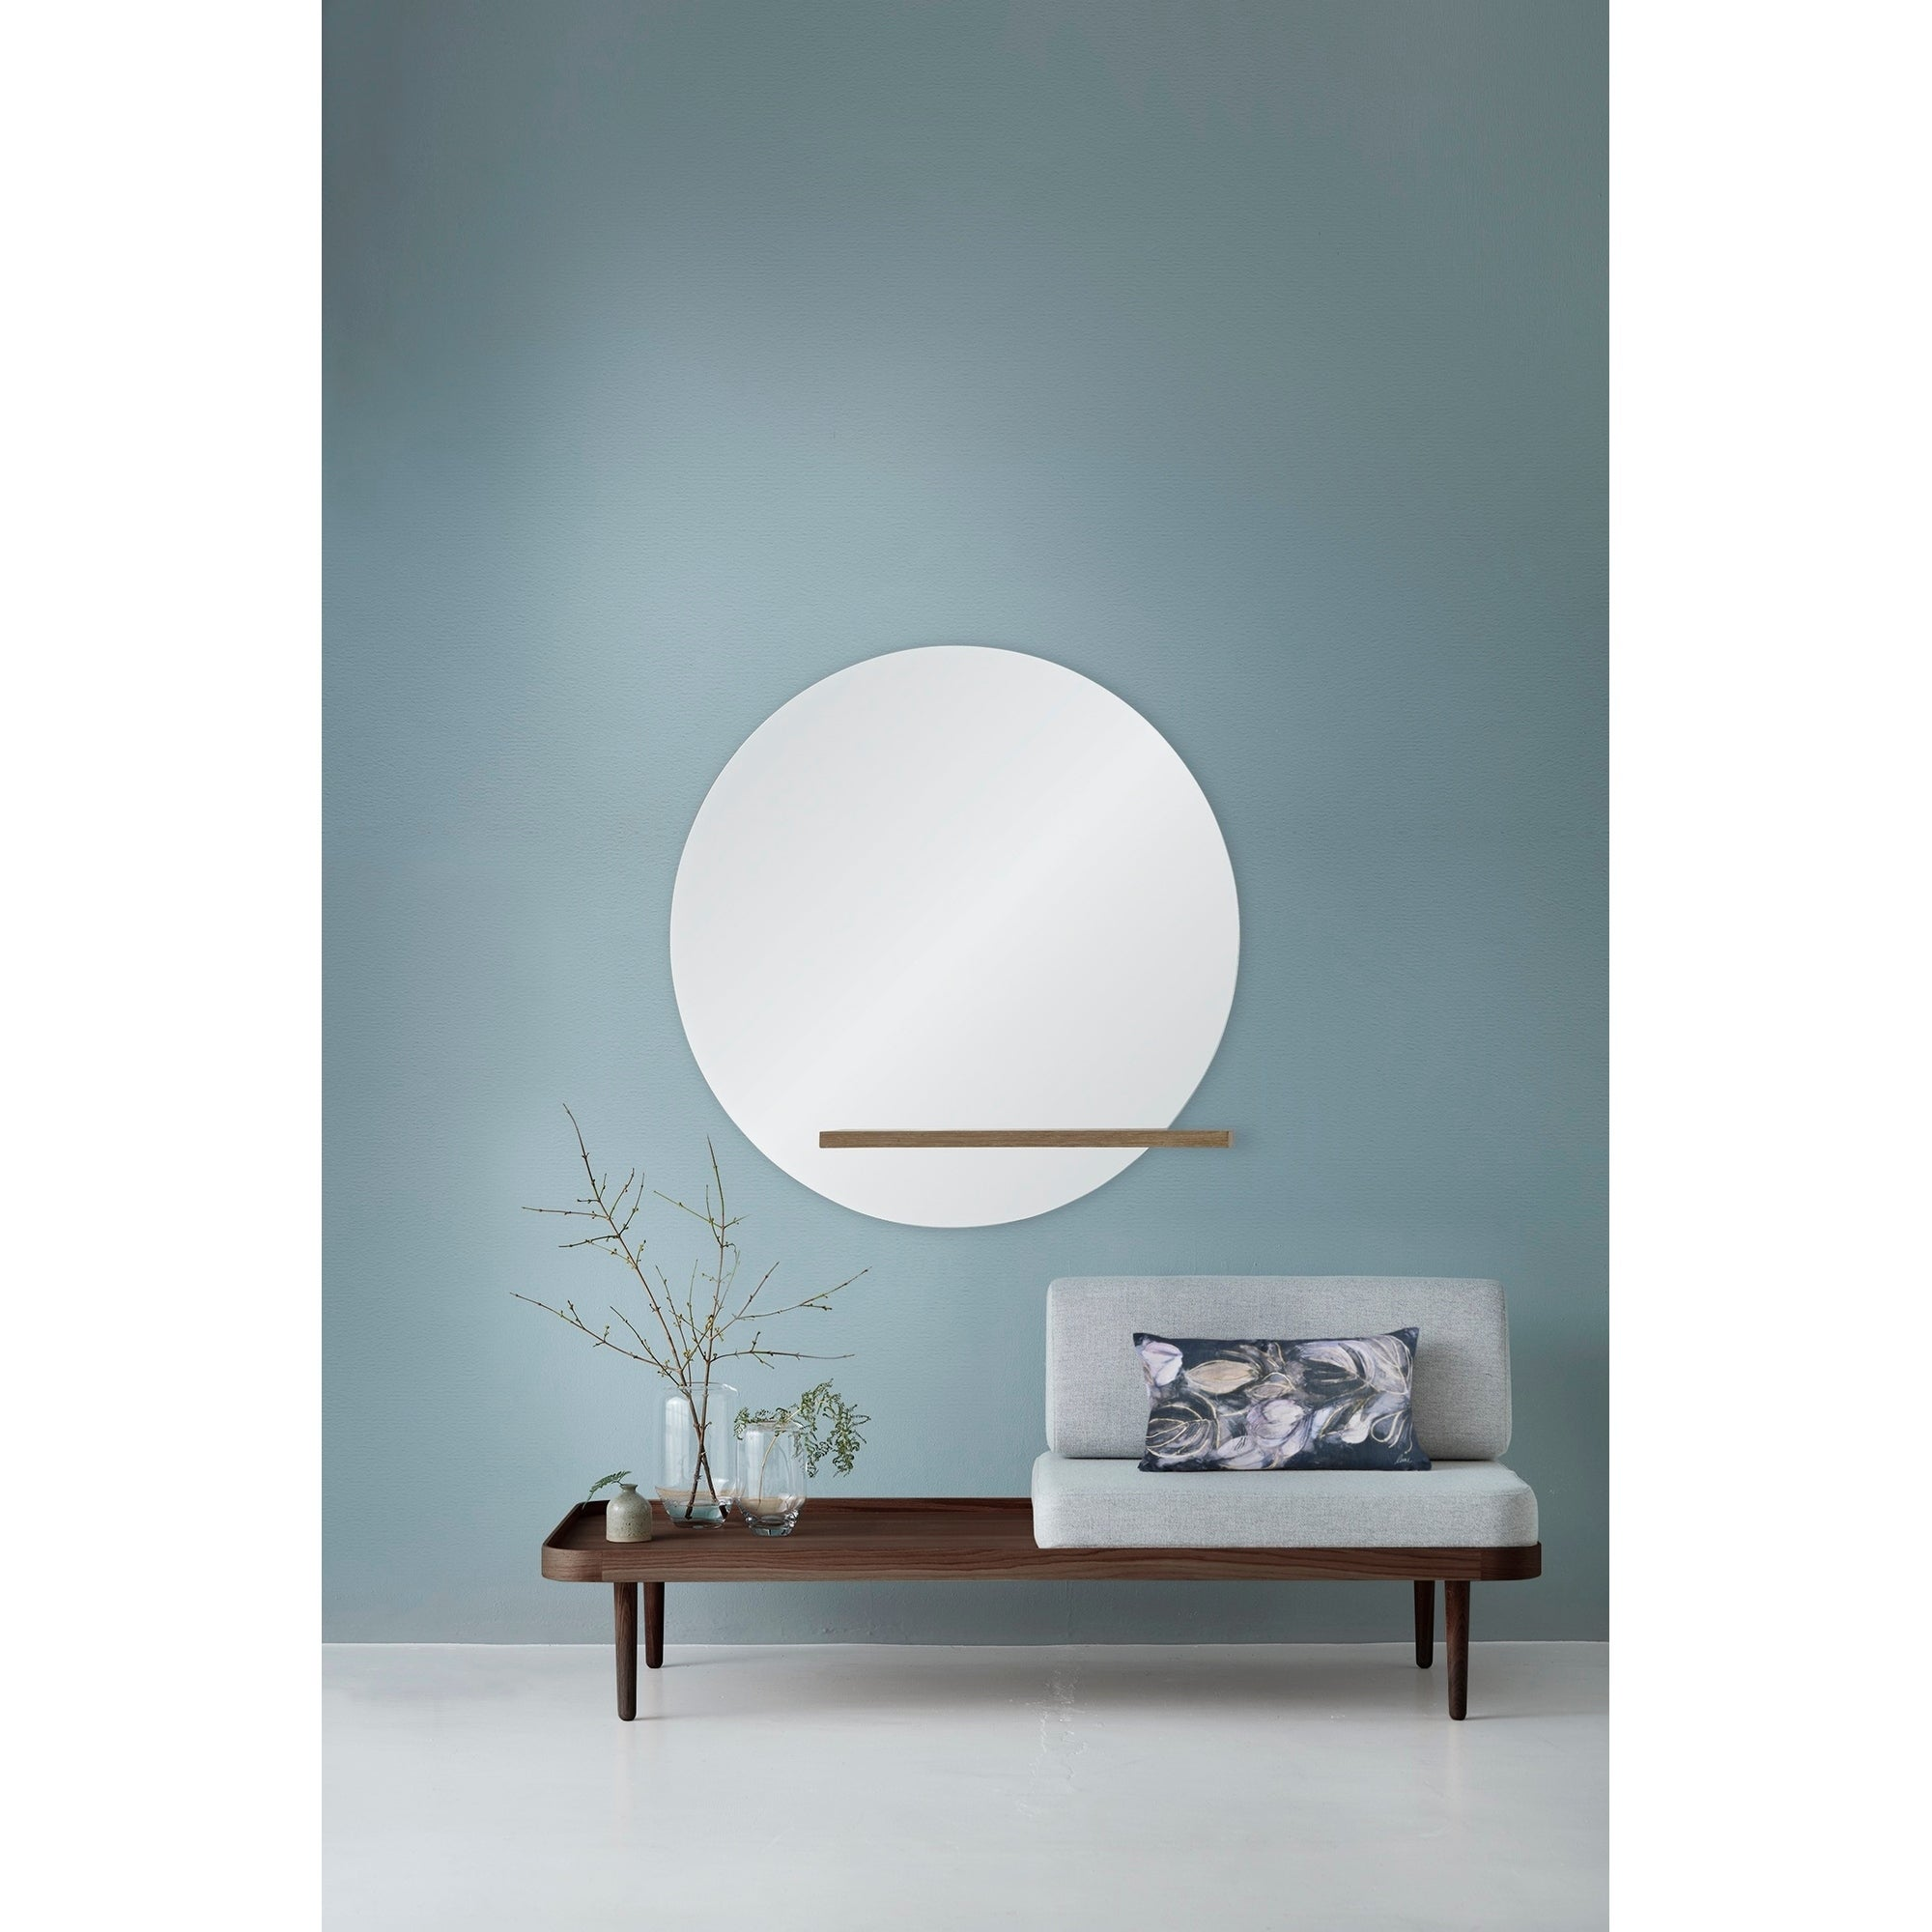 shop renwil bassett round mirror overstock 27679656 renwil bassett round mirror